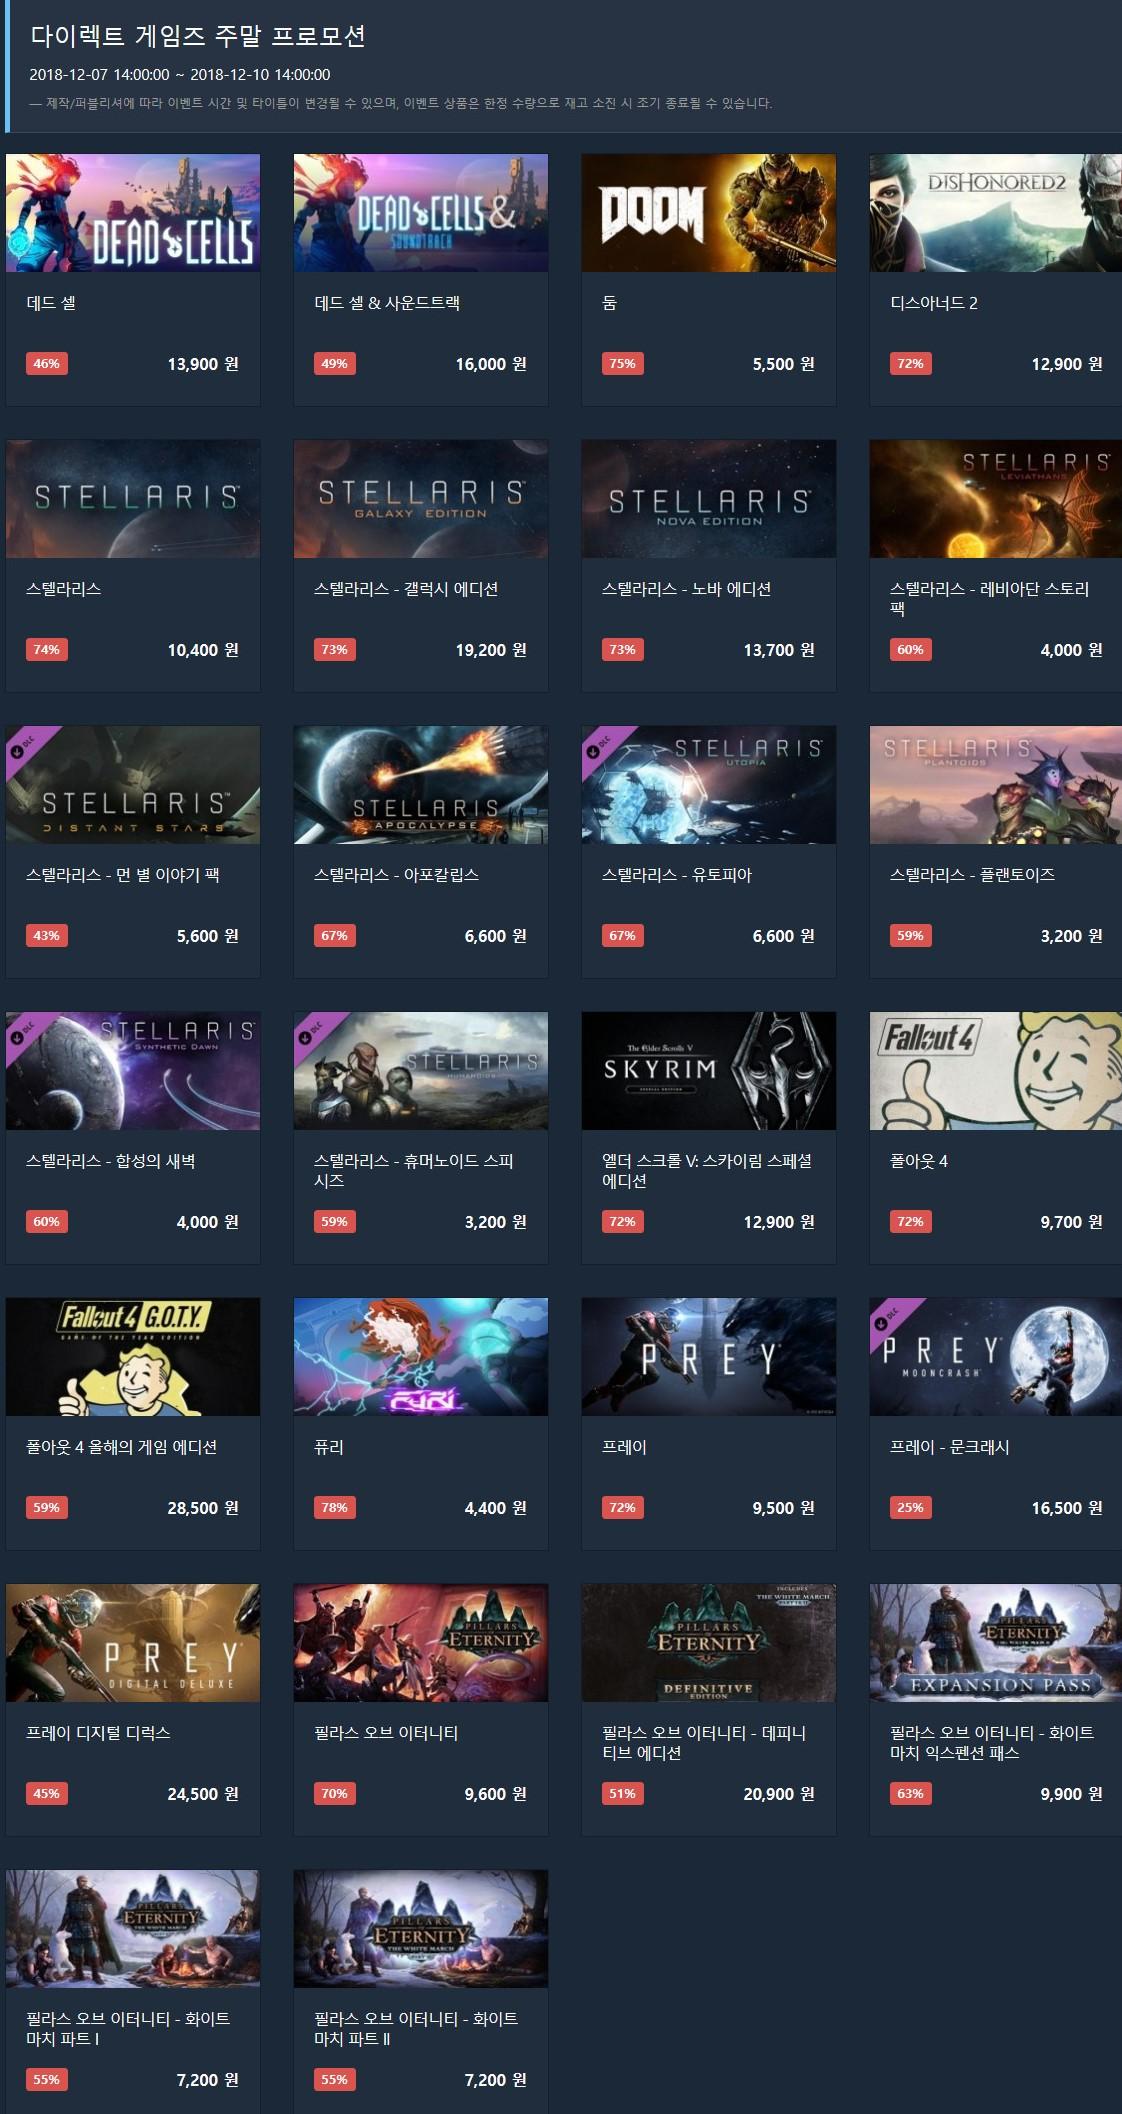 Screenshot_2018-12-07 다이렉트게임즈 - 이벤트.jpg